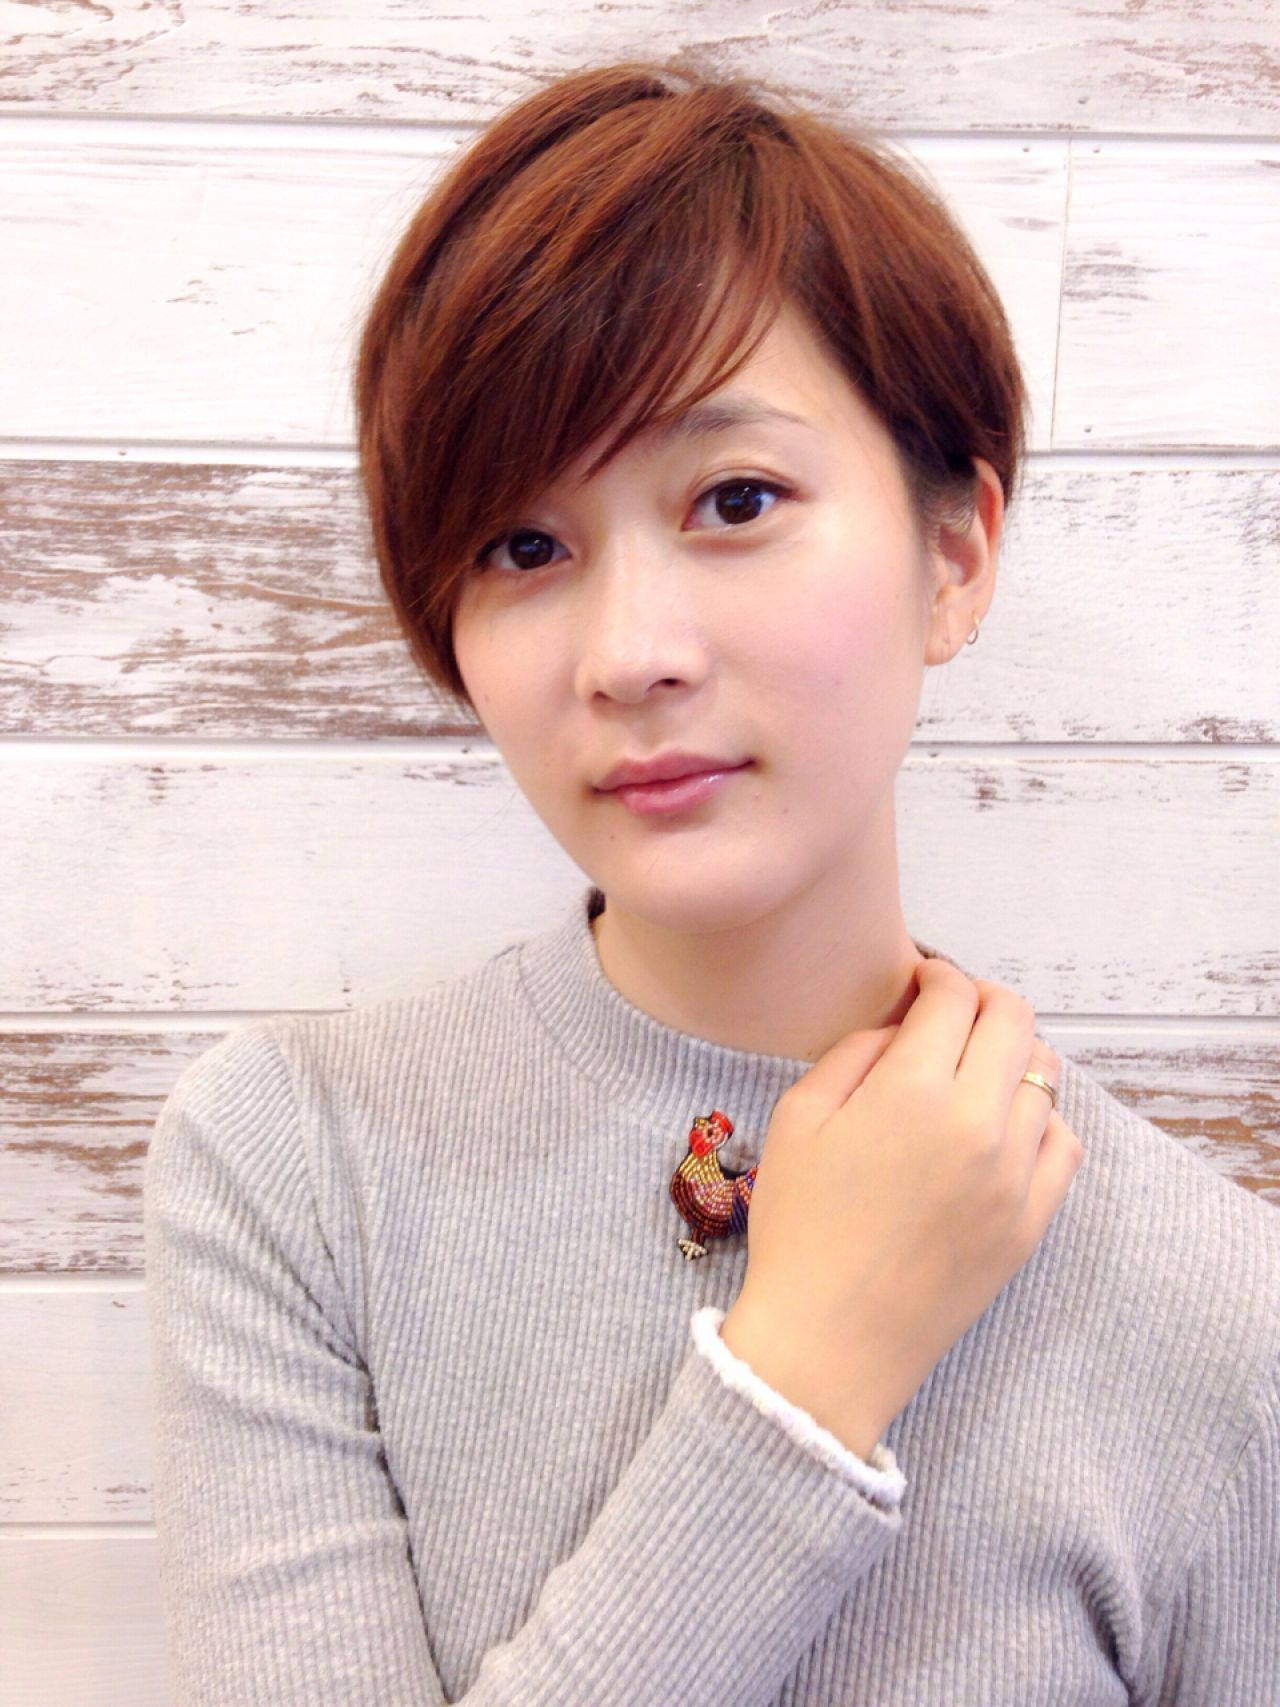 ベリーショートが似合う特徴が知りたい!顔型別にまとめてみた miwa urasugi